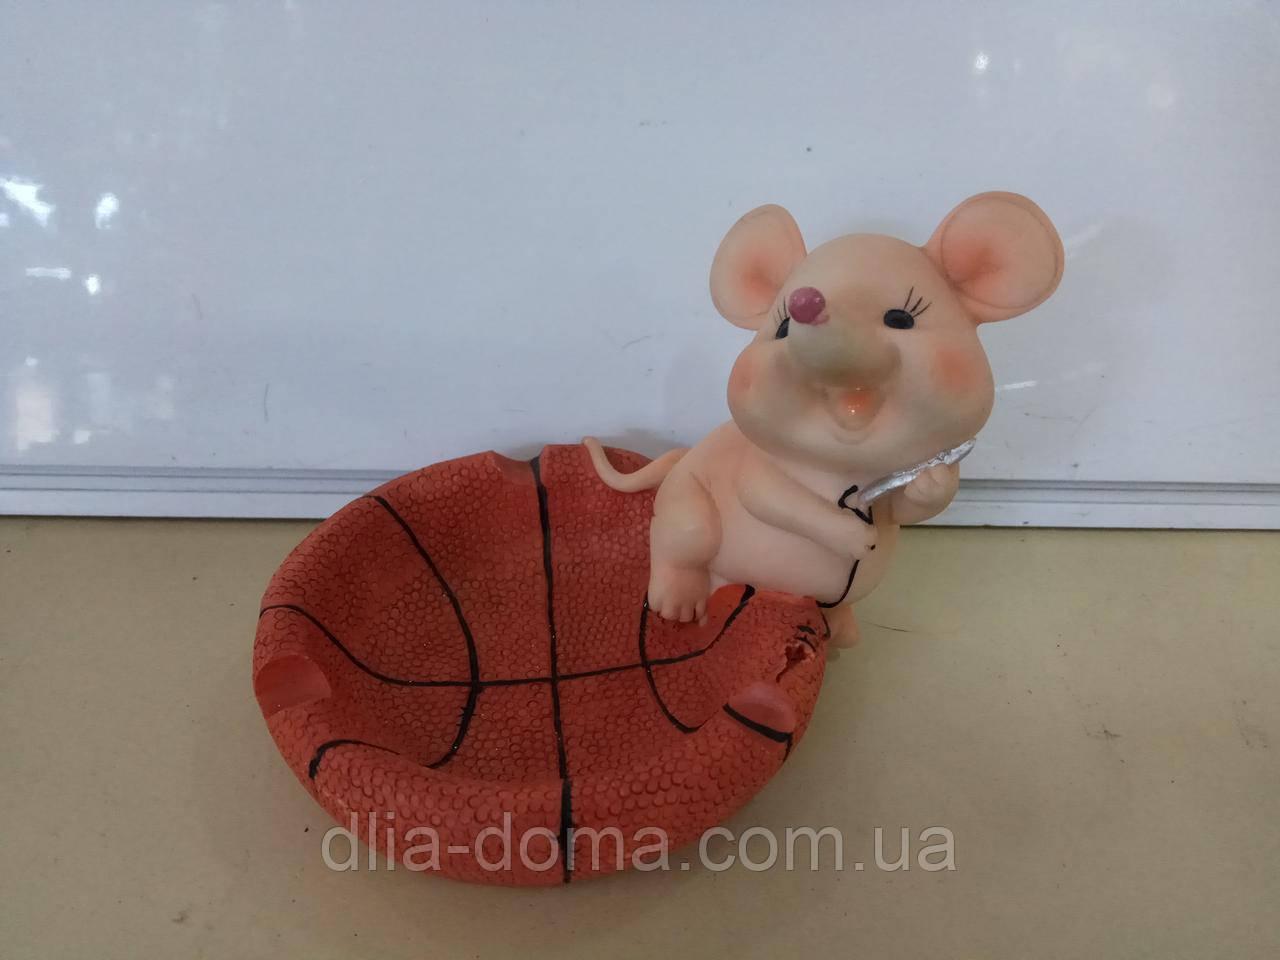 Сувенір попільничка миша з серцем